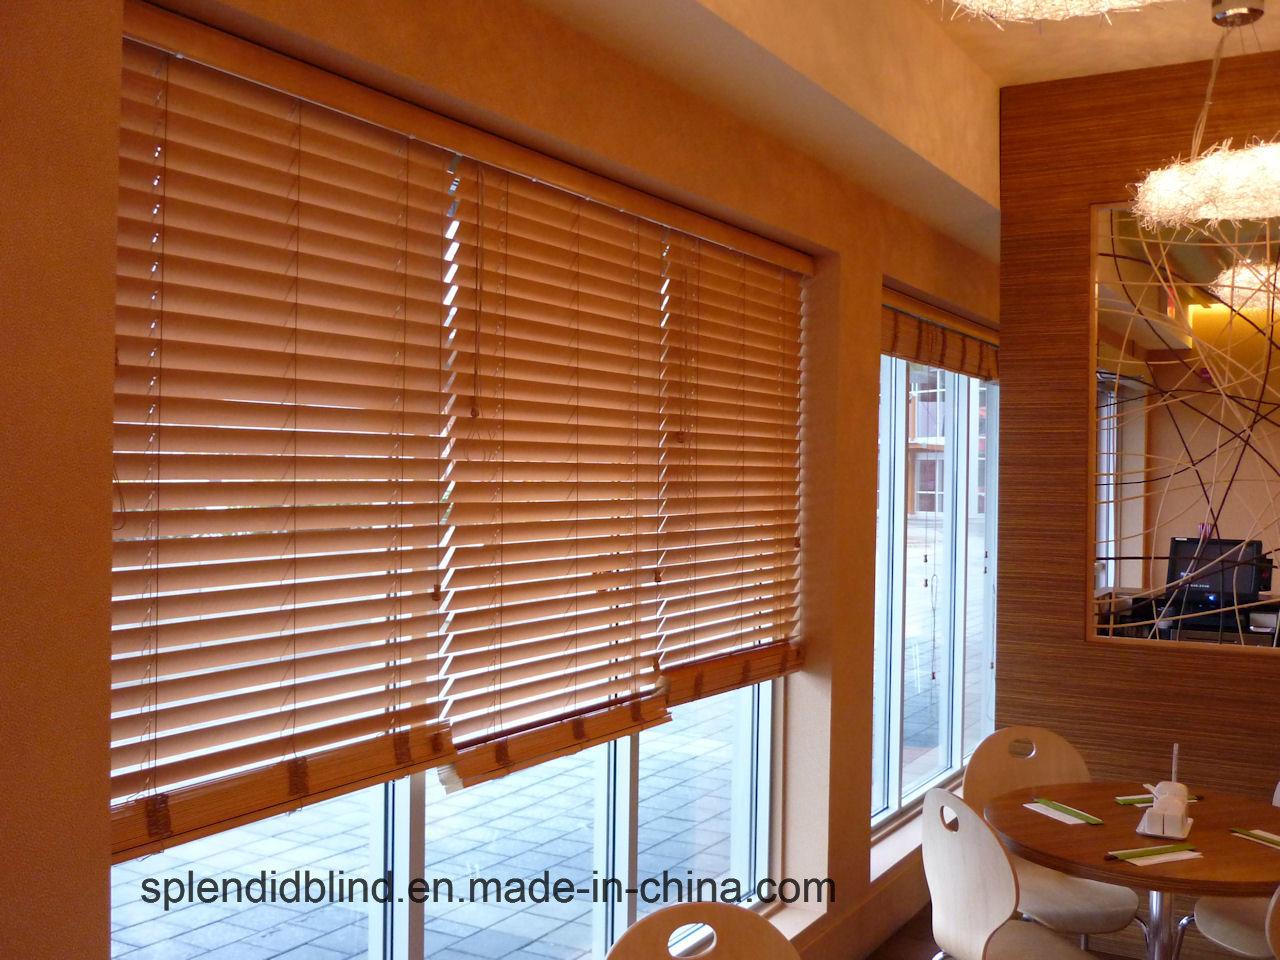 Wooden Windows Blinds Unique Blinds